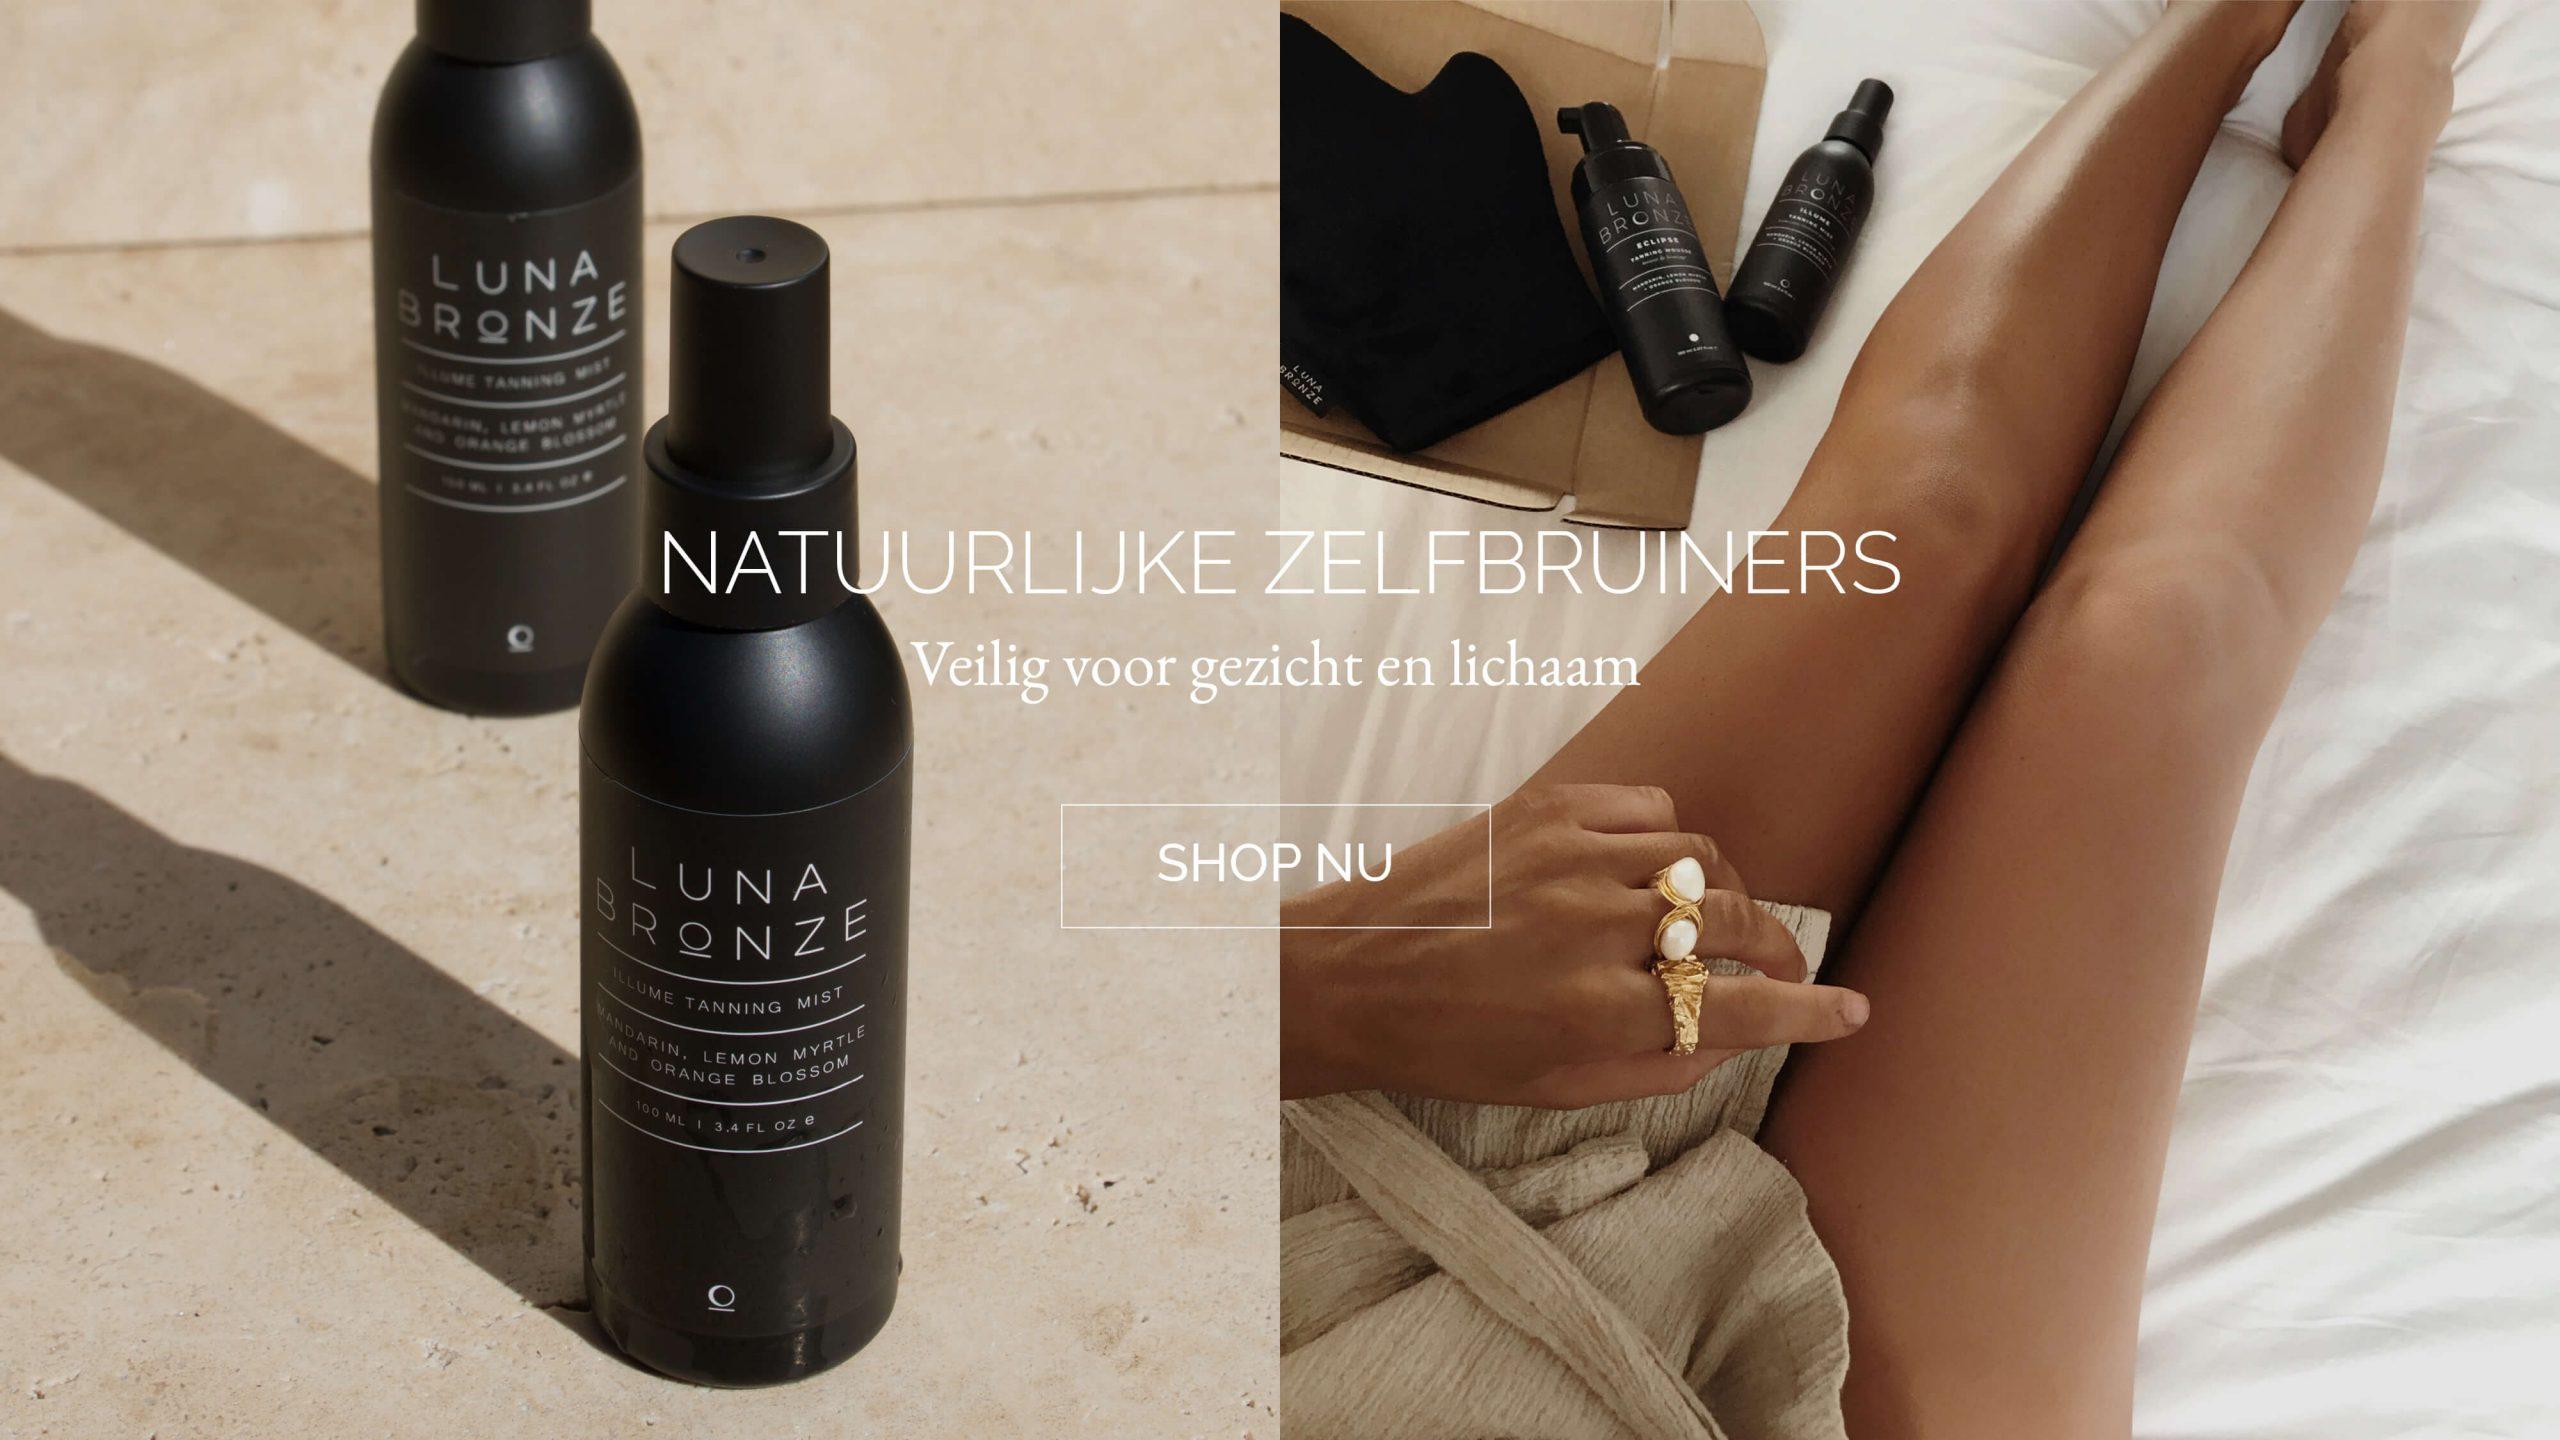 TWENTYTWONOTES | Luna Bronze zelfbruiners